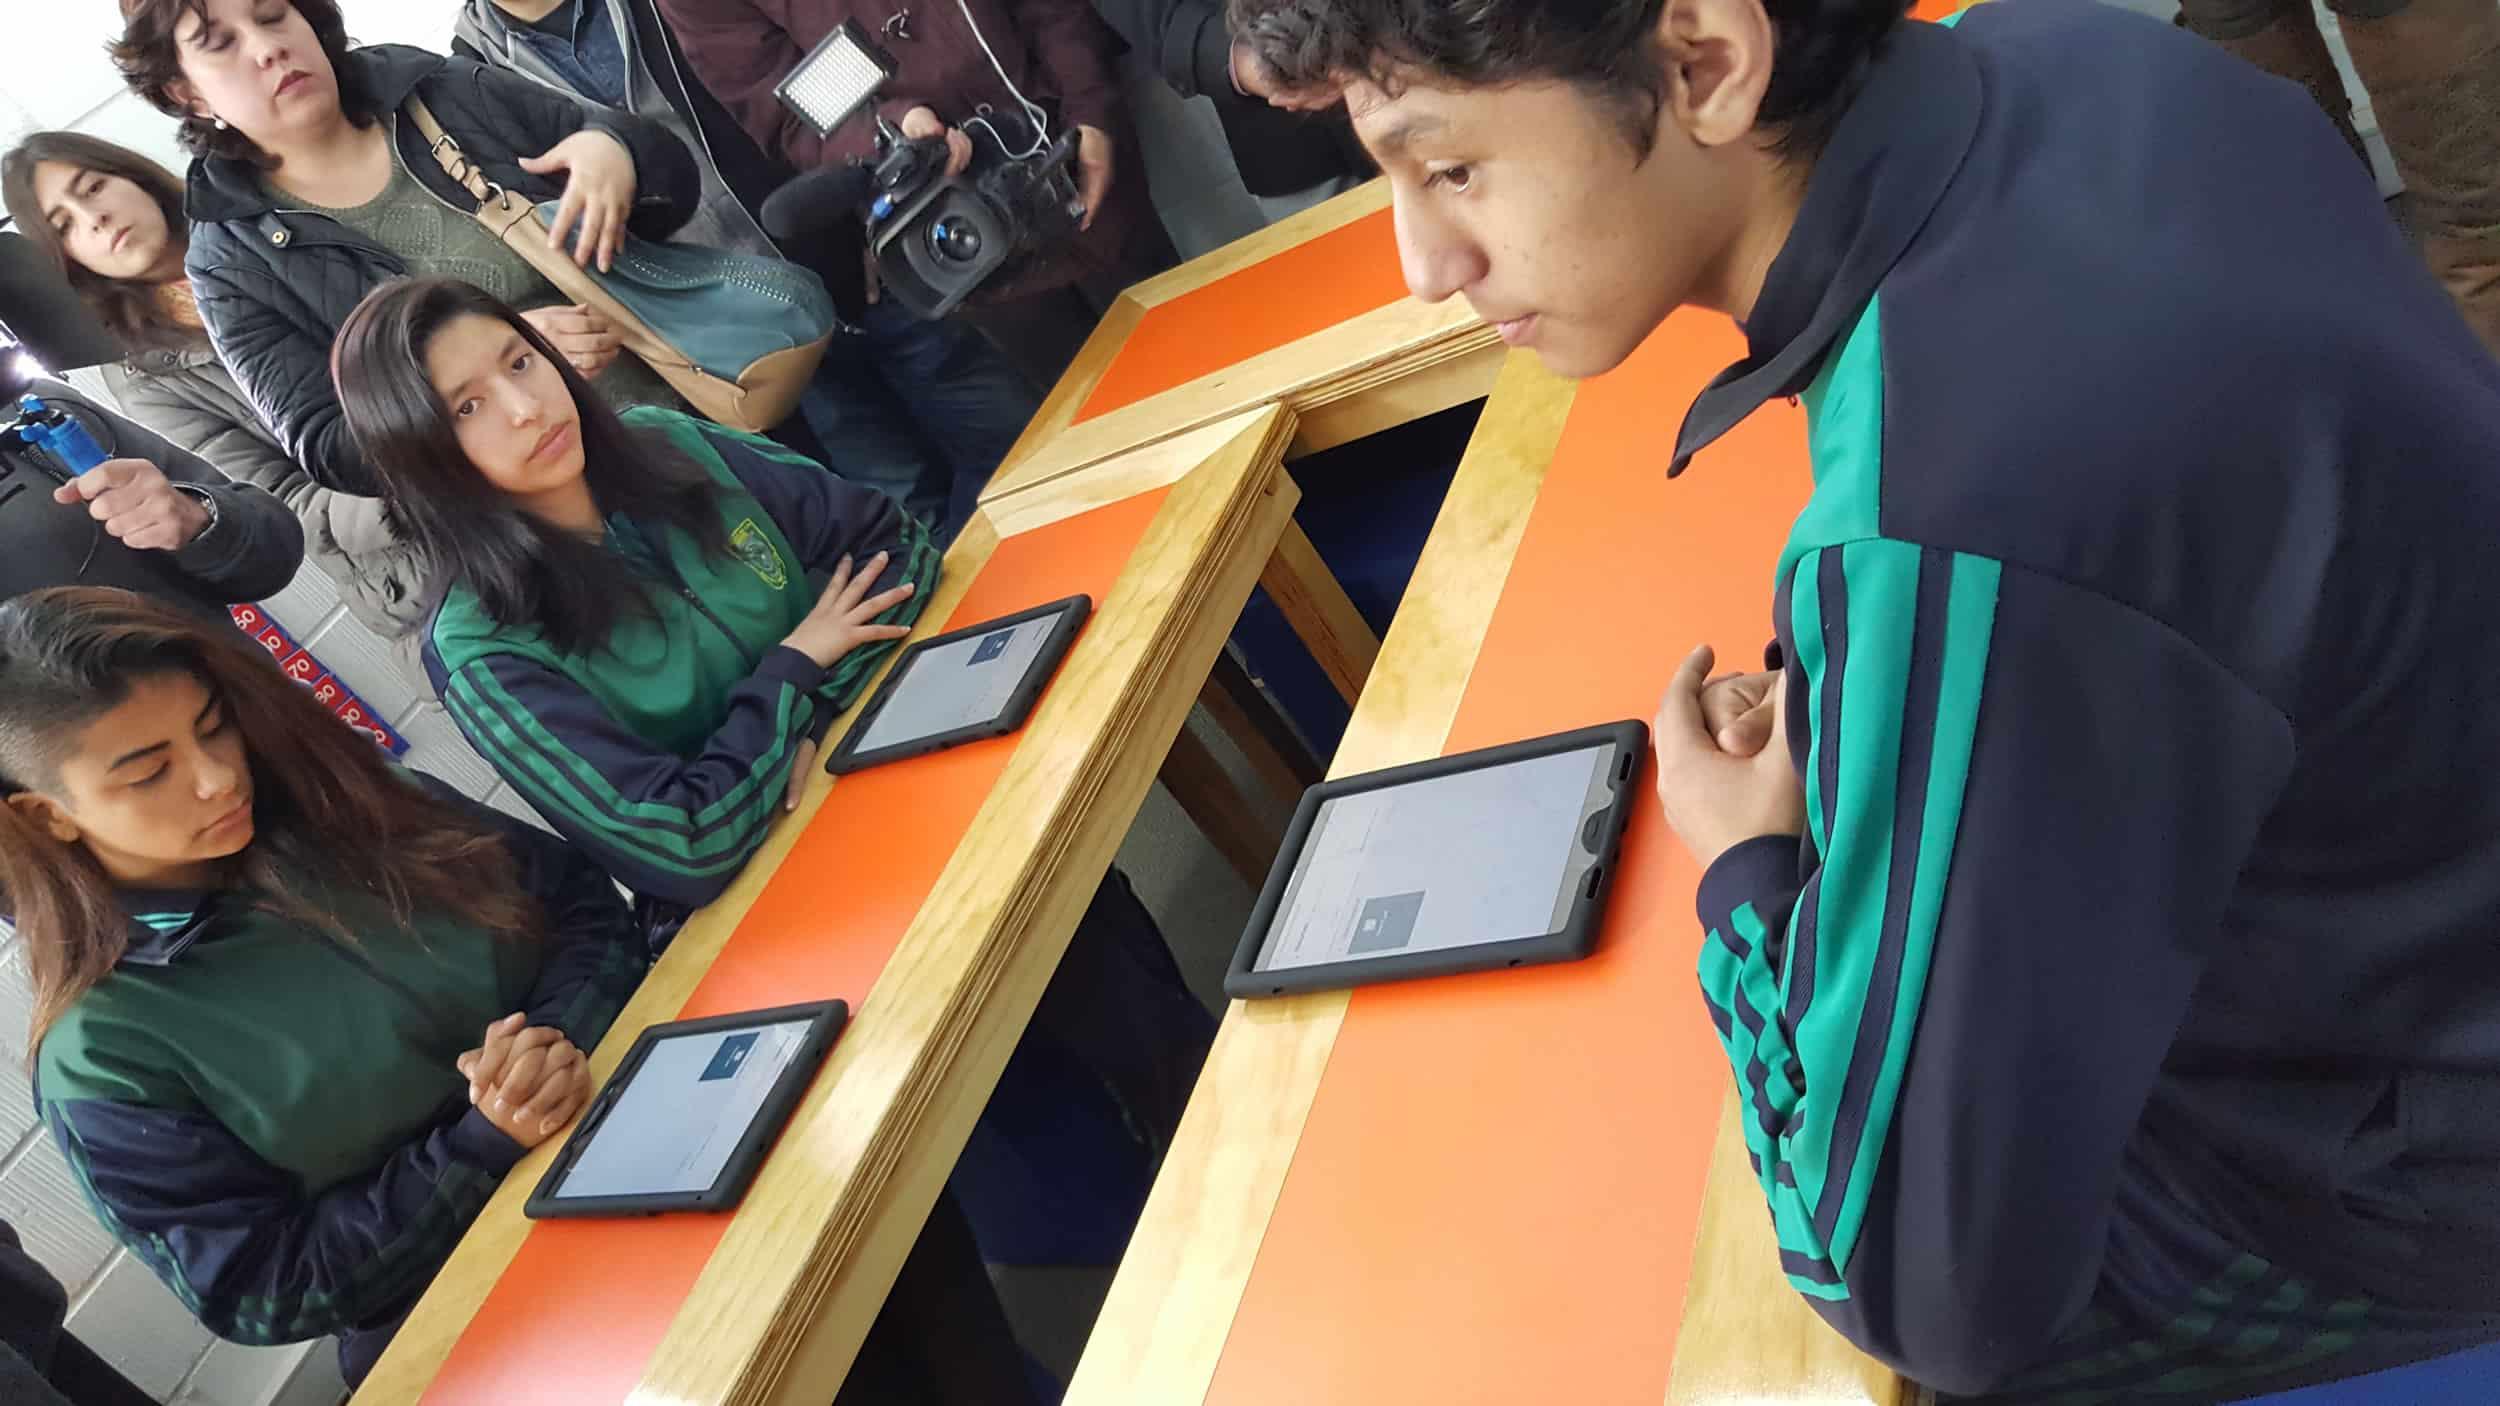 Instituto para sordos: Estudiantes podrán interactuar con pantallas y tablets.